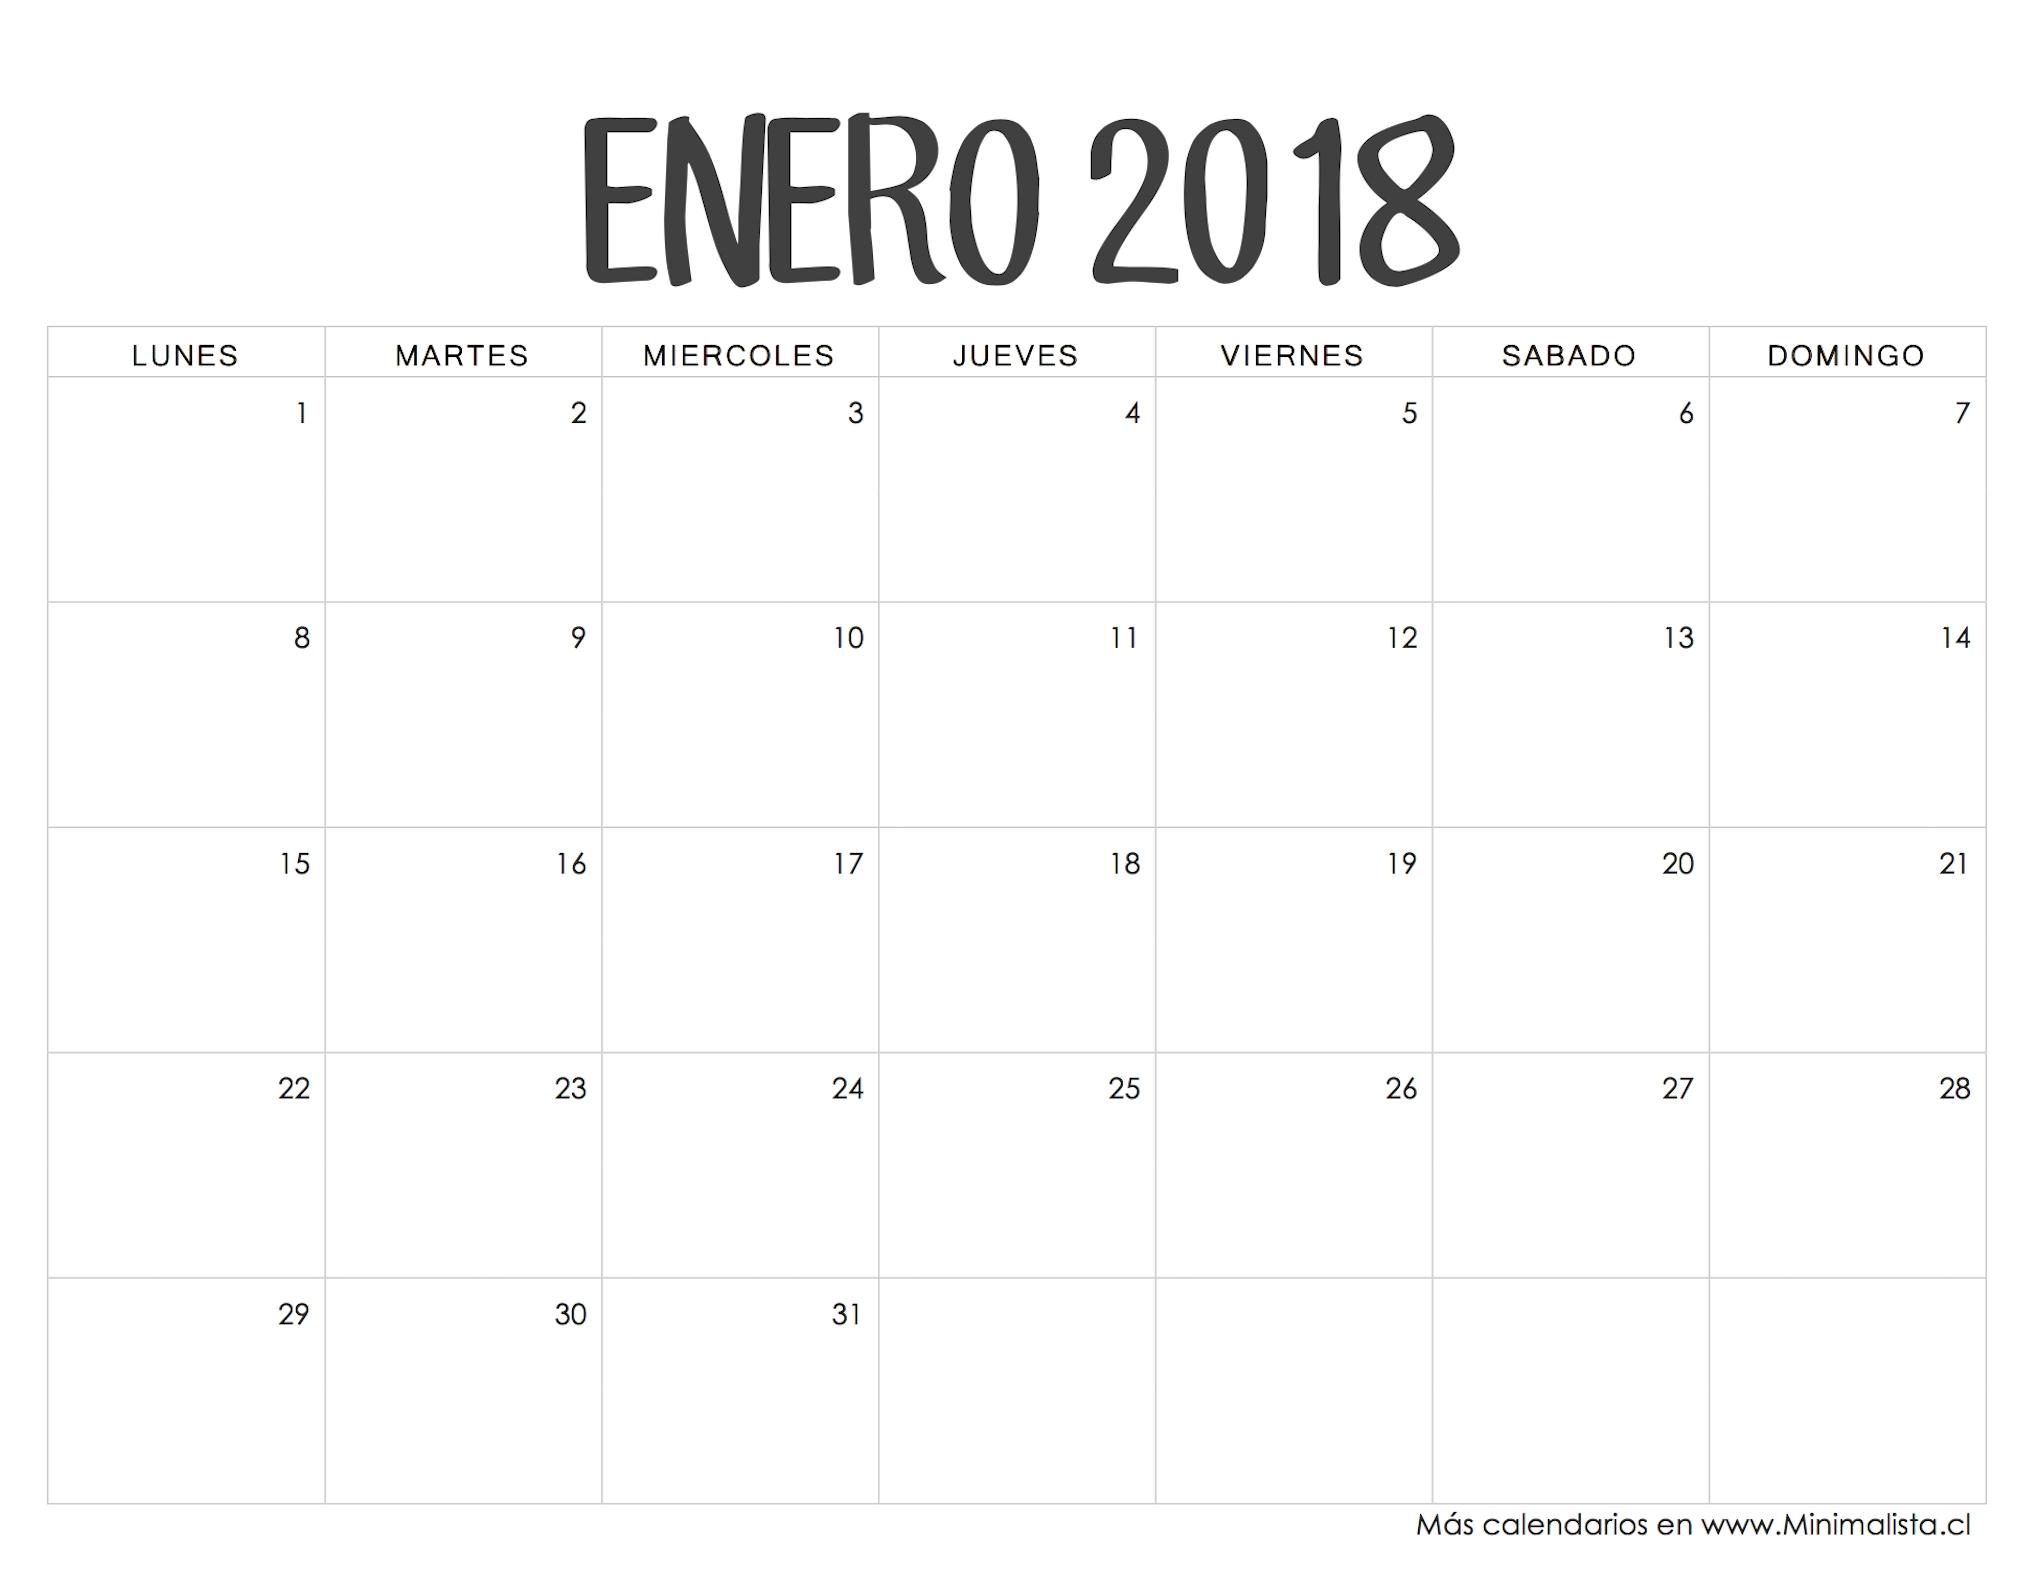 Take Calendario Semana A3 Para Imprimir Con Horario